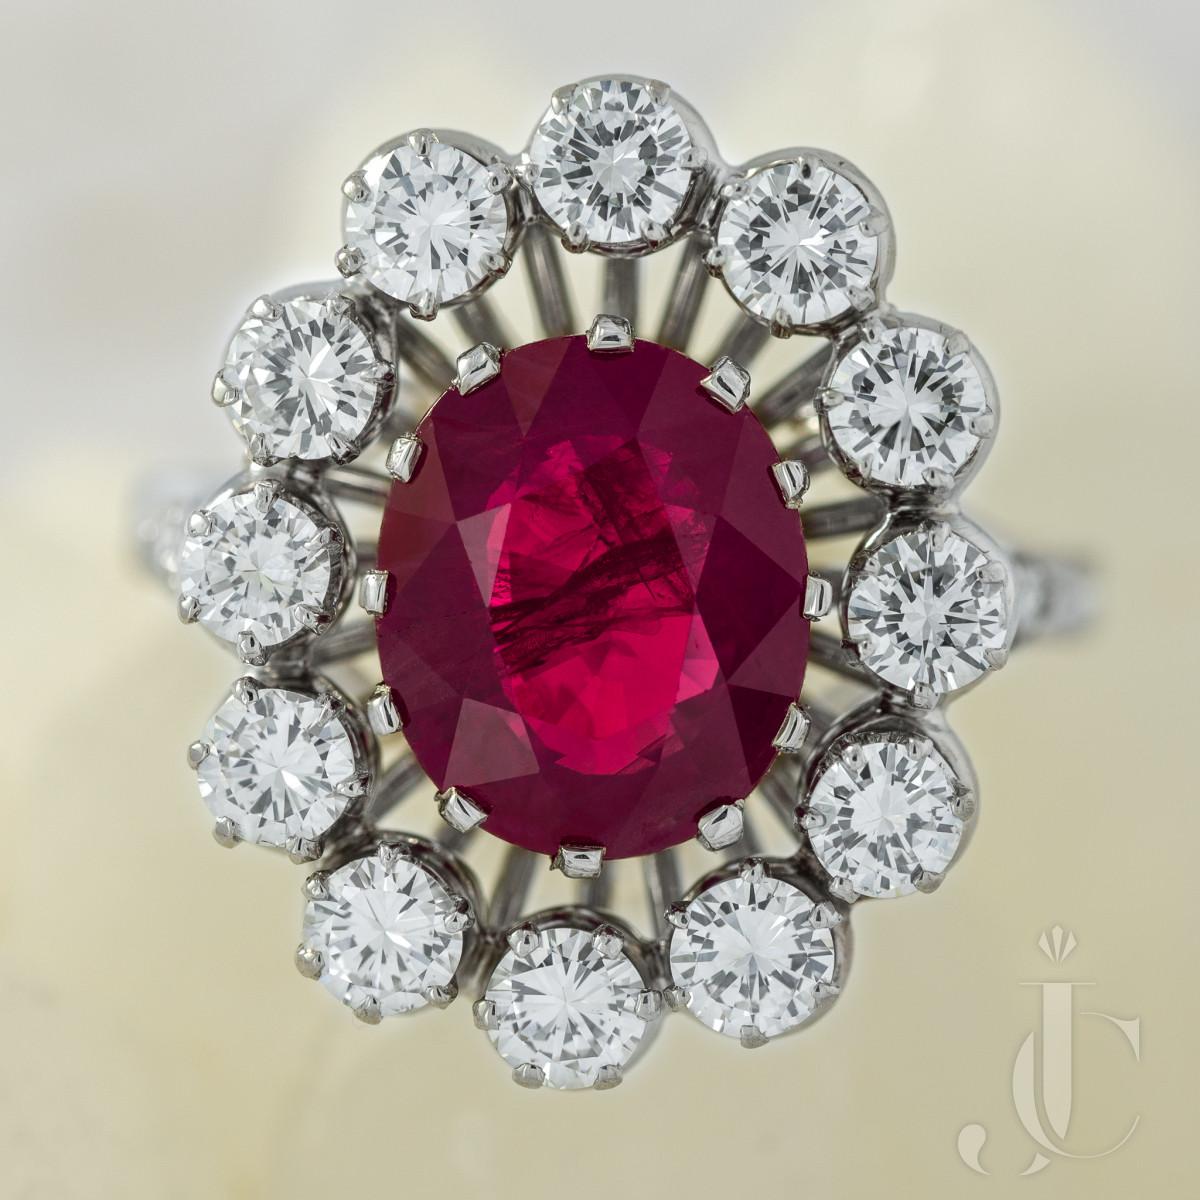 Burma Ruby and Diamond Platinum Ring